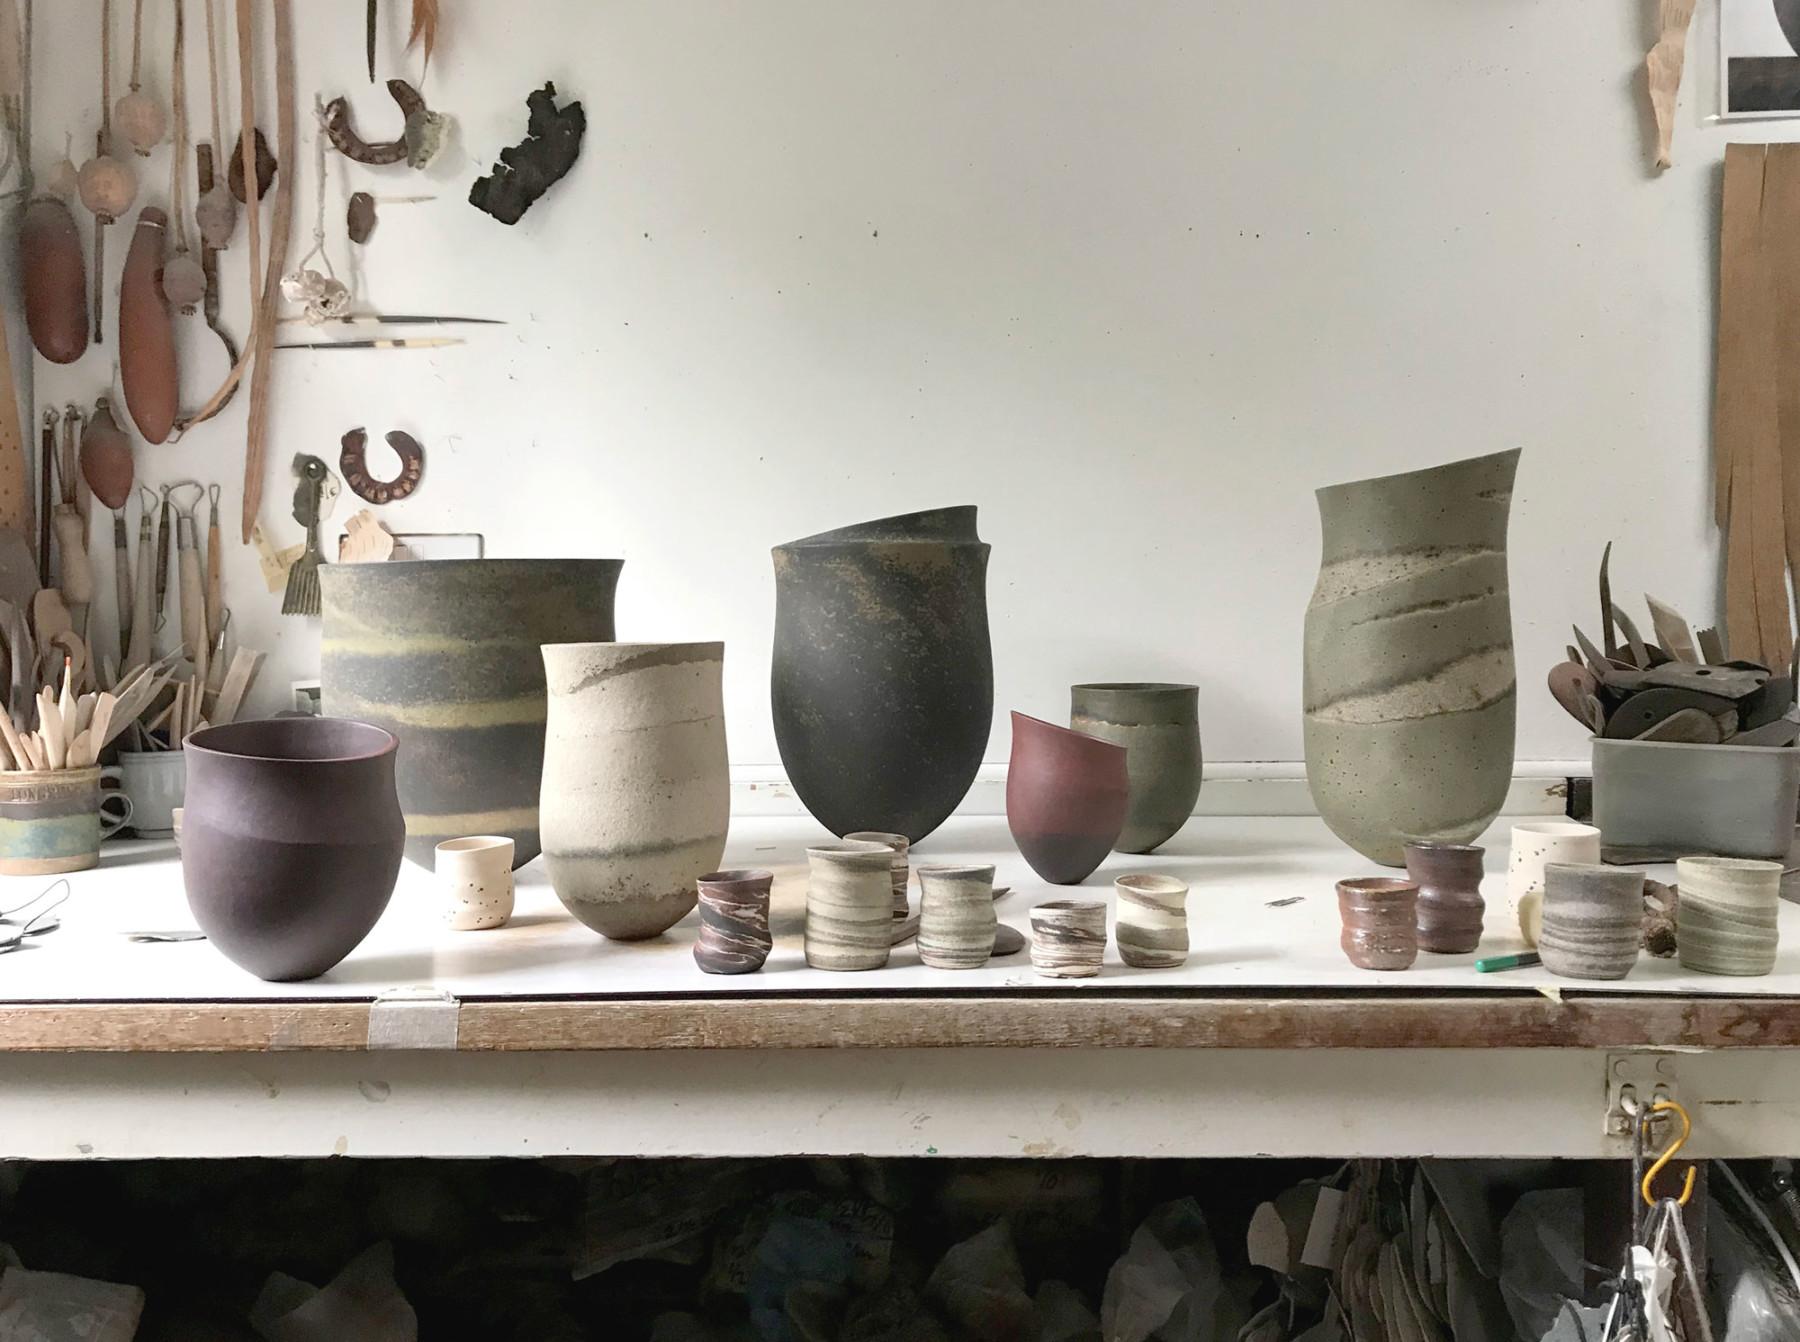 kettles-yard-exhibition-design-jamie-fobert-architects-studio-visit-work-bench